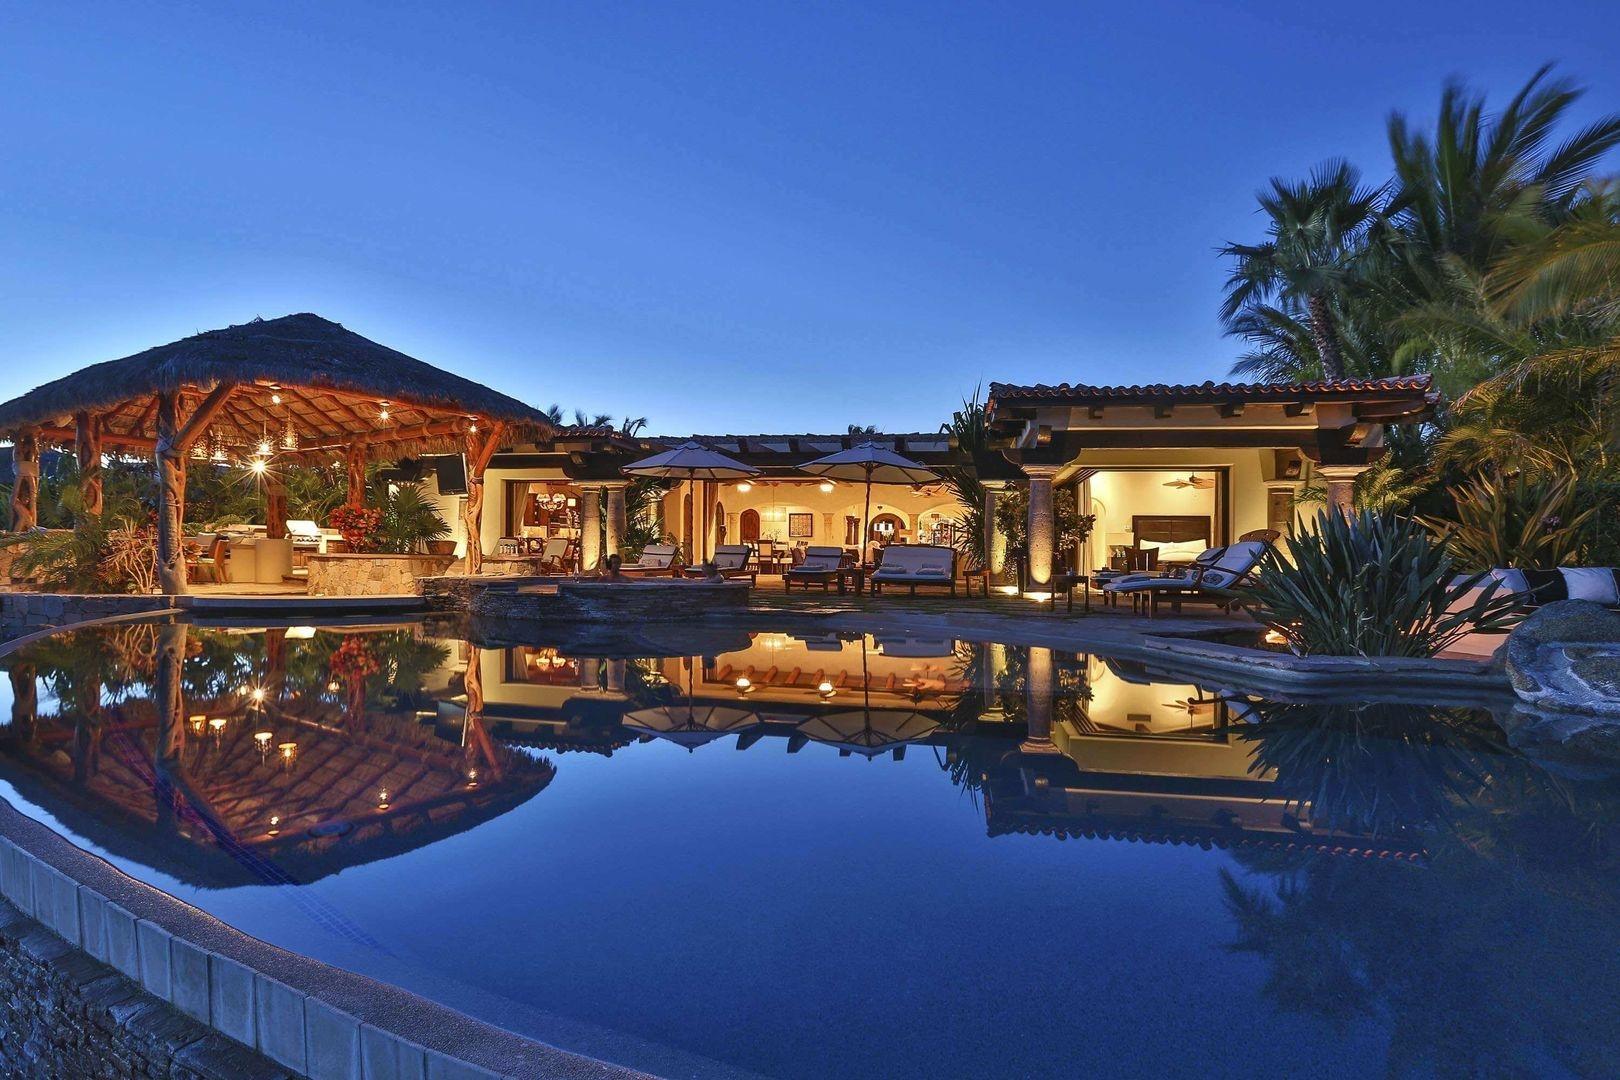 Luxury vacation rentals mexico - Los cabos - Los cabos corridor - Cabo delsol - Casa Costa - Image 1/33